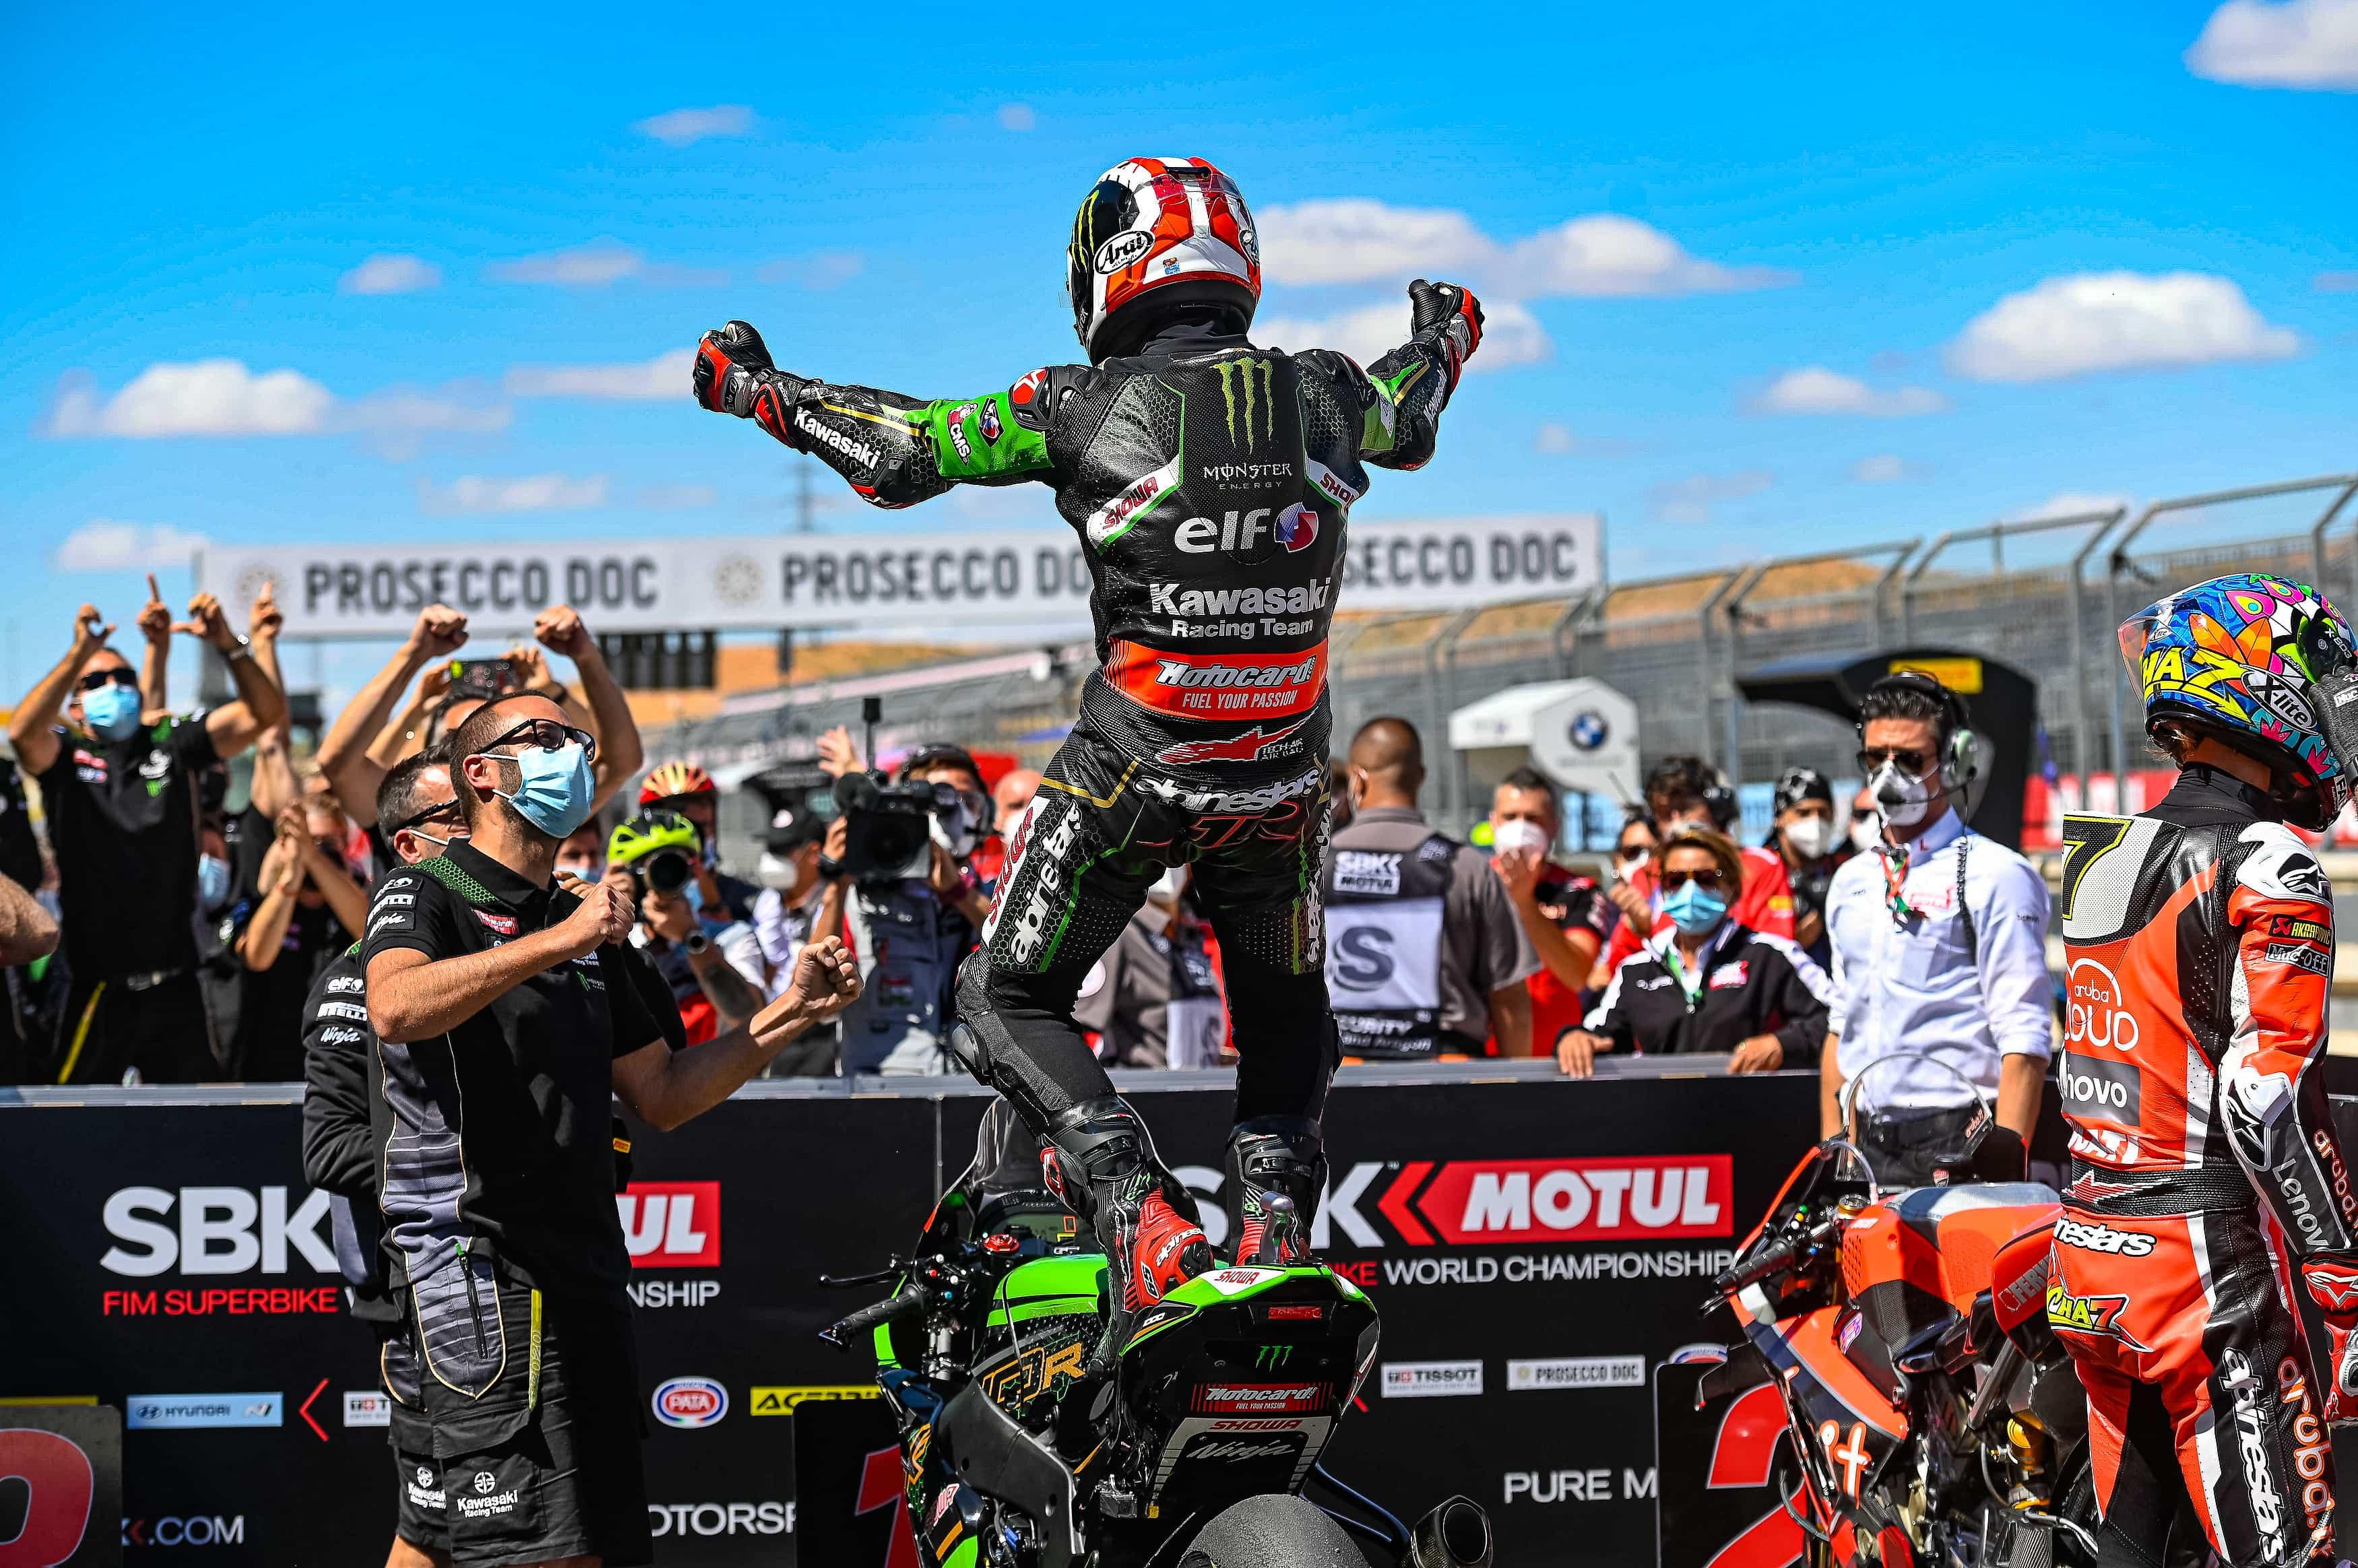 ピレリ(Pirelli)レースレビュー 4メーカーがアラゴンのWSBKレースで表彰台を獲得